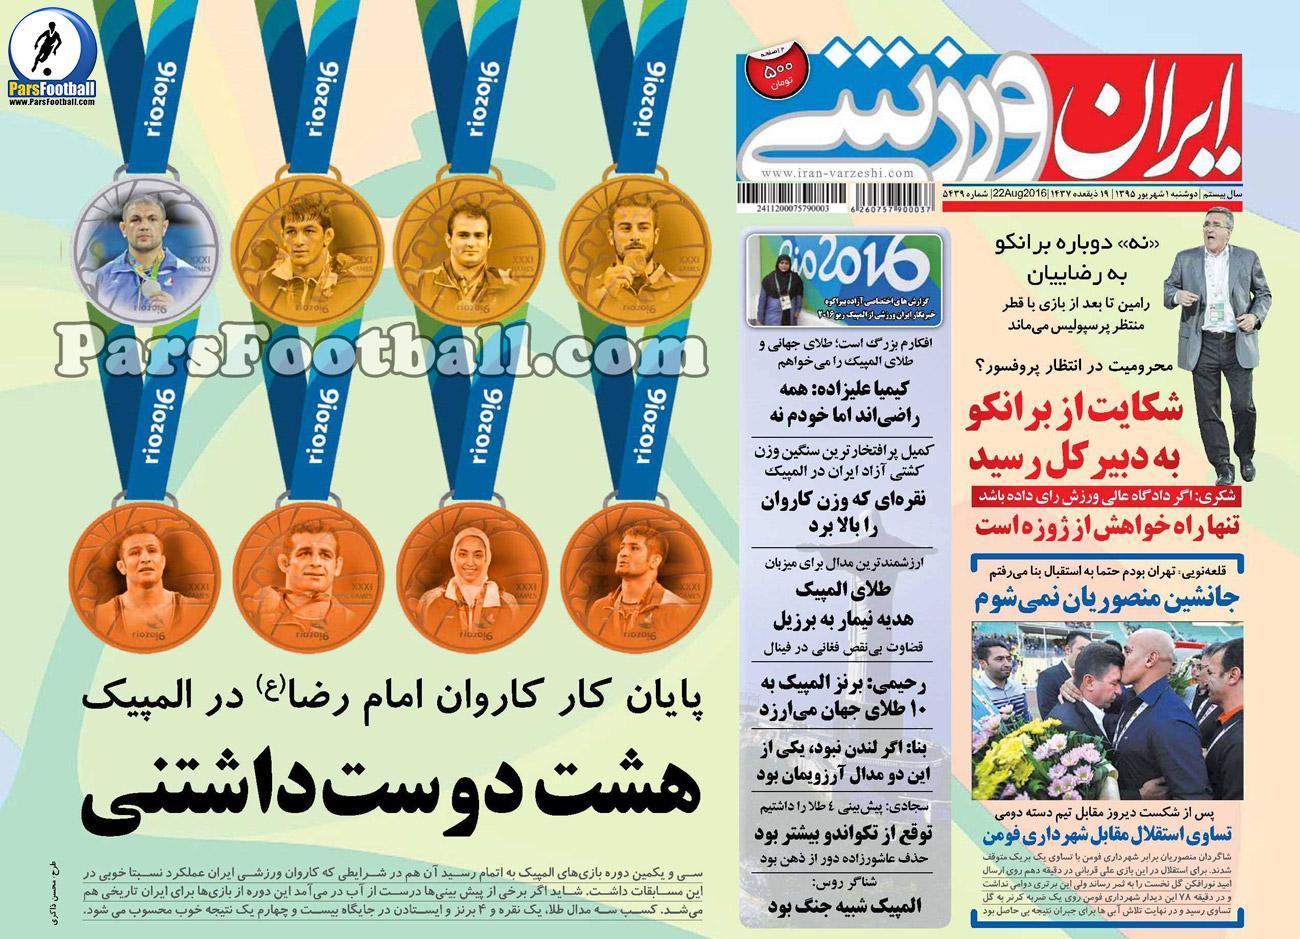 روزنامه ایران ورزشی دوشنبه 1 شهریور 95